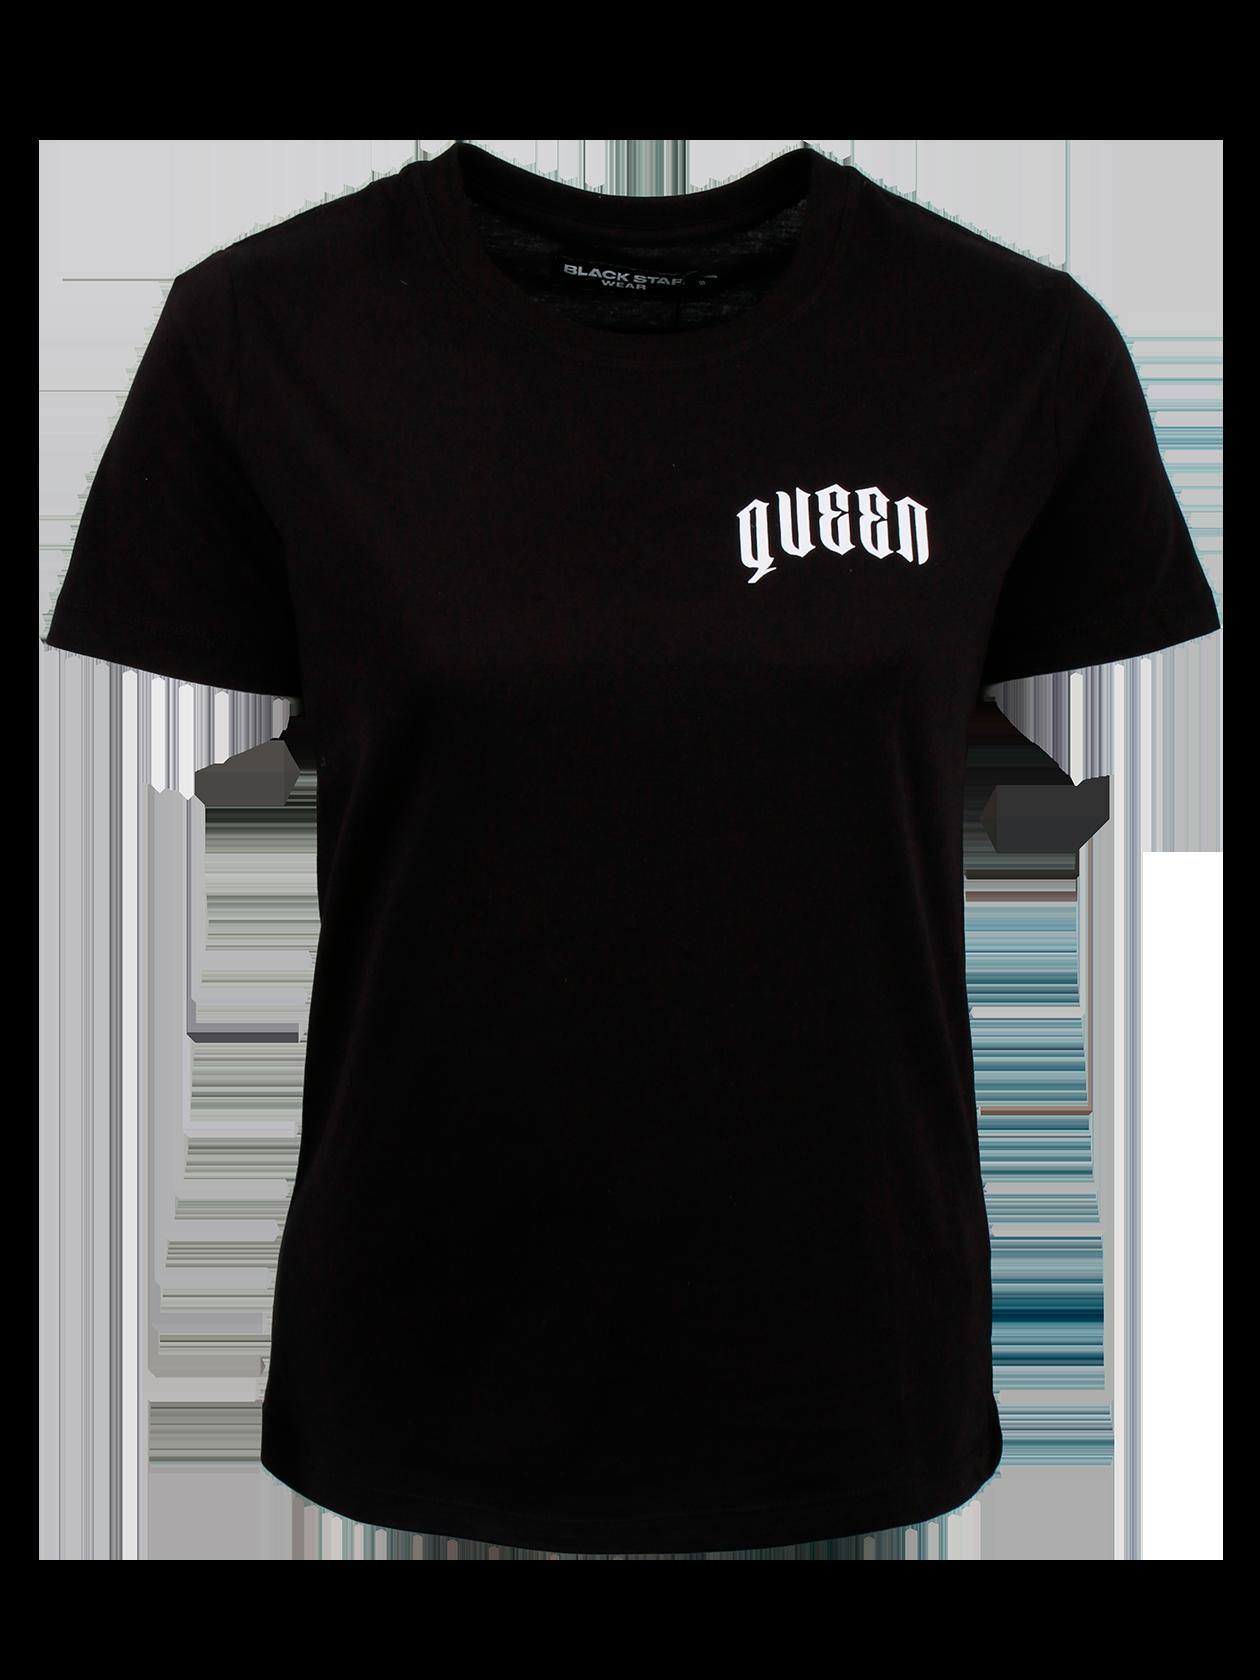 Футболка женская QUEENСтильная футболка женская Queen идеально впишется в повседневный и спортивный стиль. Модель представлена в практичной черной расцветке, обладает лаконичным кроем. Оптимальная длина, небольшой рукав, округлая горловина с эластичной окантовкой. Внутри имеется фирменная нашивка с логотипом бренда Black Star Wear. Дизайн дополнен контрастными надписями белыми буквами Queen 13 на спине и на груди. Футболка изготовлена из натурального хлопка класса «премиум».<br><br>Размер: M<br>Цвет: Черный<br>Пол: Женский